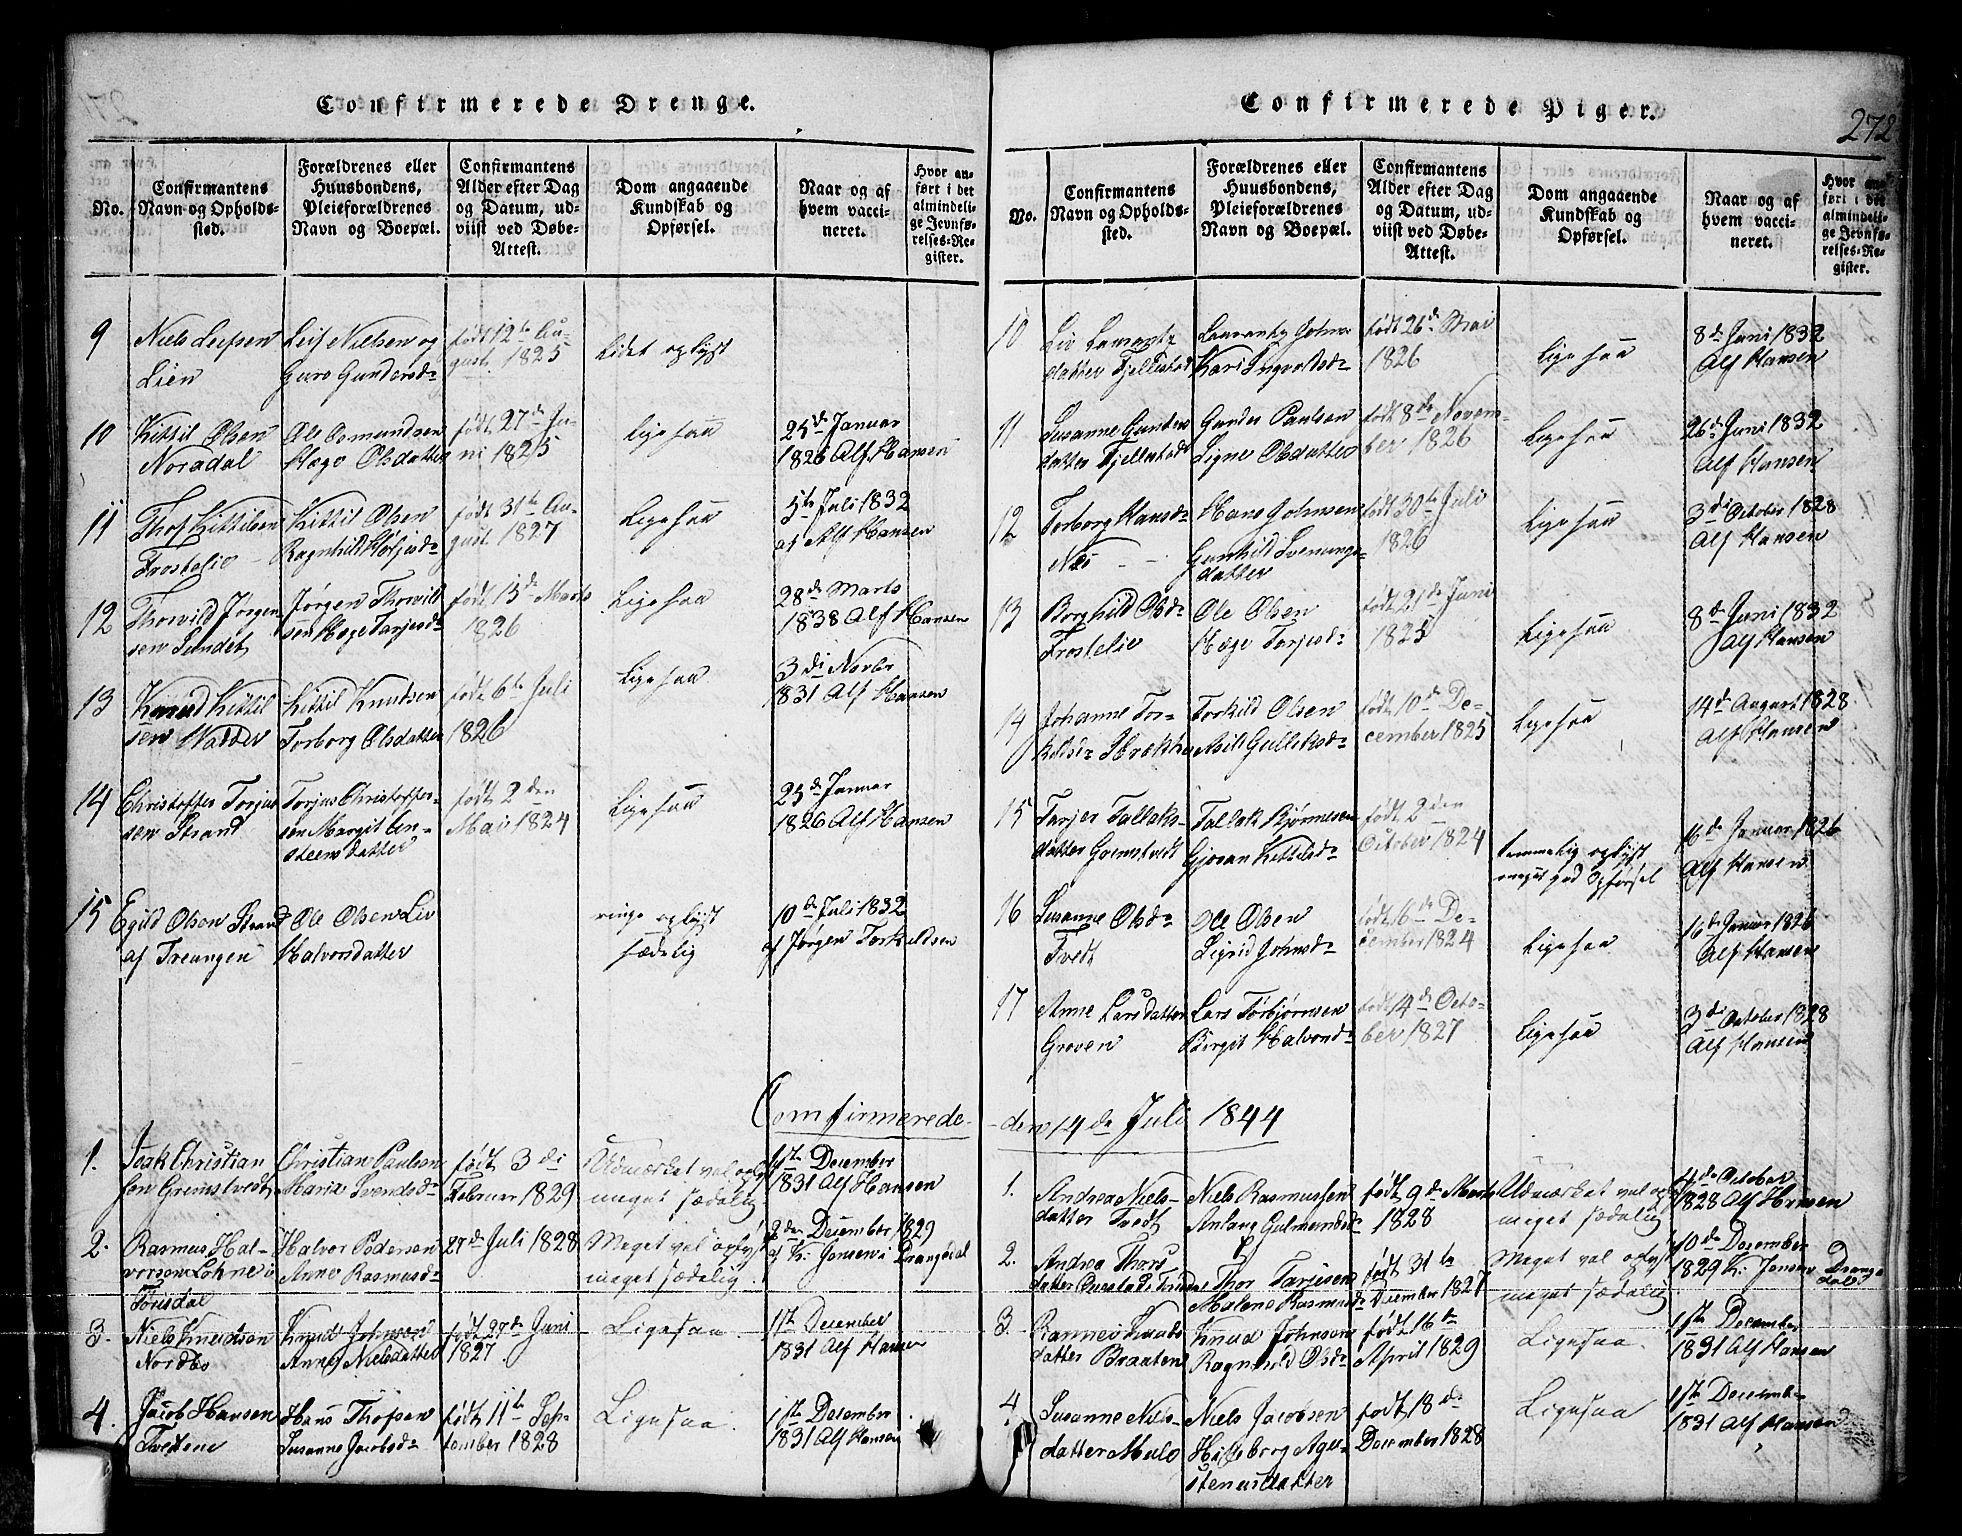 SAKO, Nissedal kirkebøker, G/Ga/L0001: Klokkerbok nr. I 1, 1814-1860, s. 272